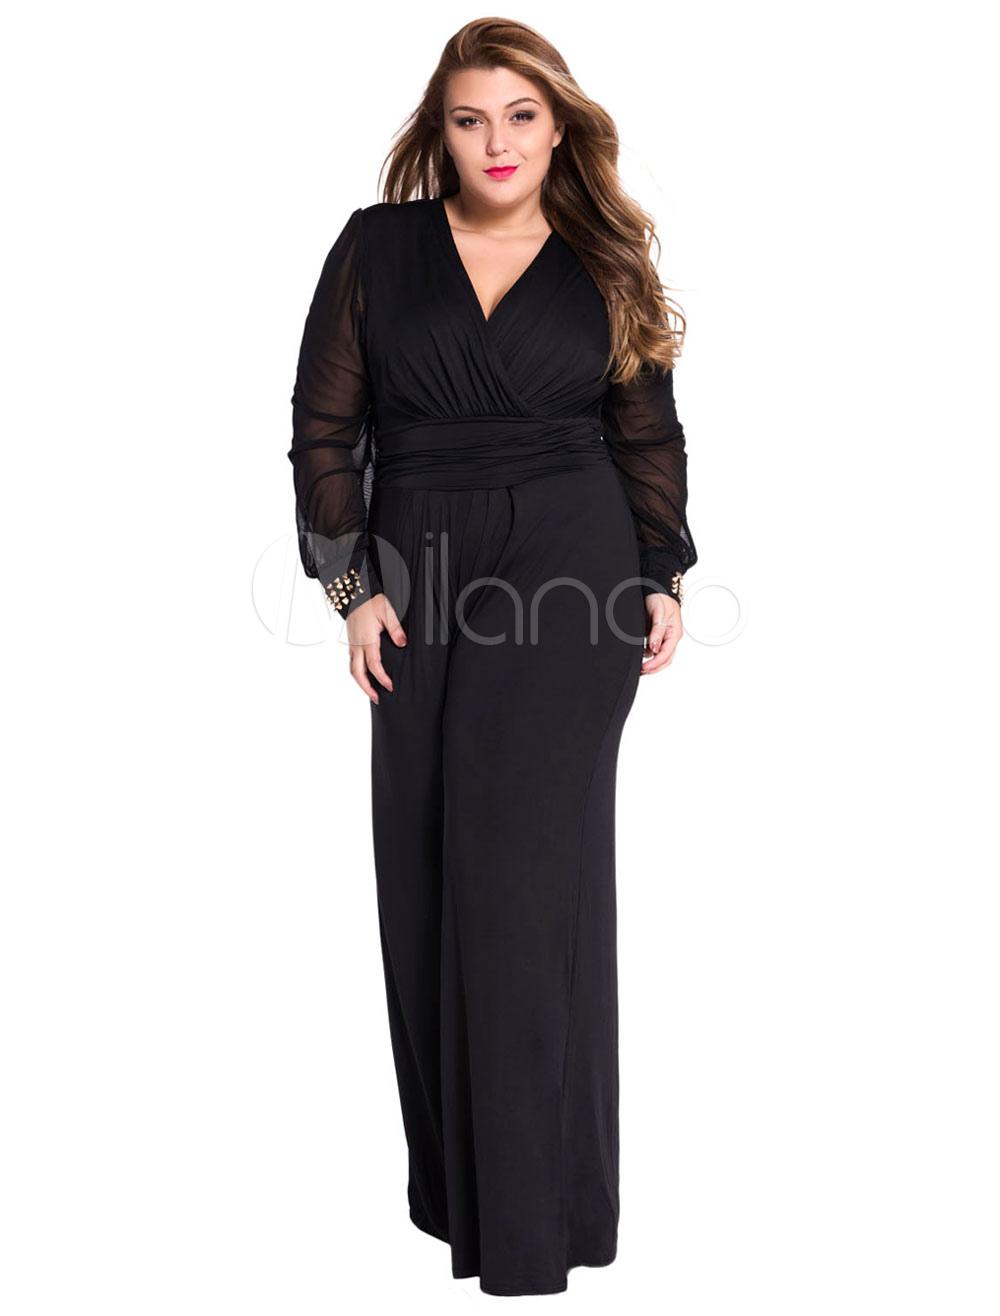 regarder styles de mode modèles à la mode Combinaison noire avec dentelle et jambe large